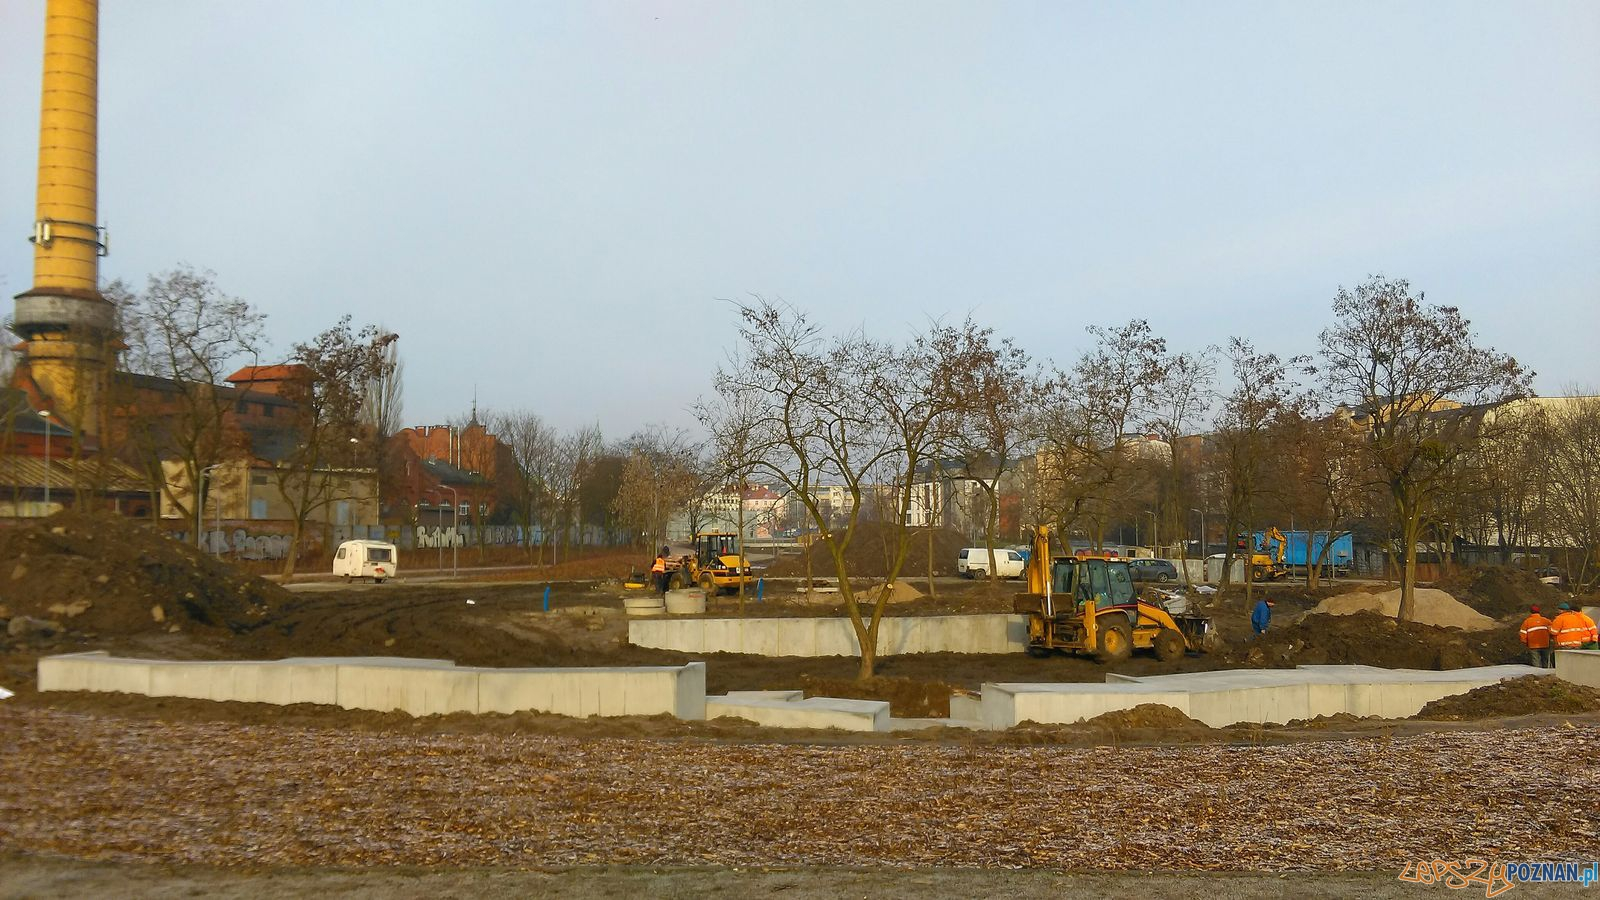 Tu powstaną nowe miejskie toalety - Park w Starym Korycie  Foto: TD